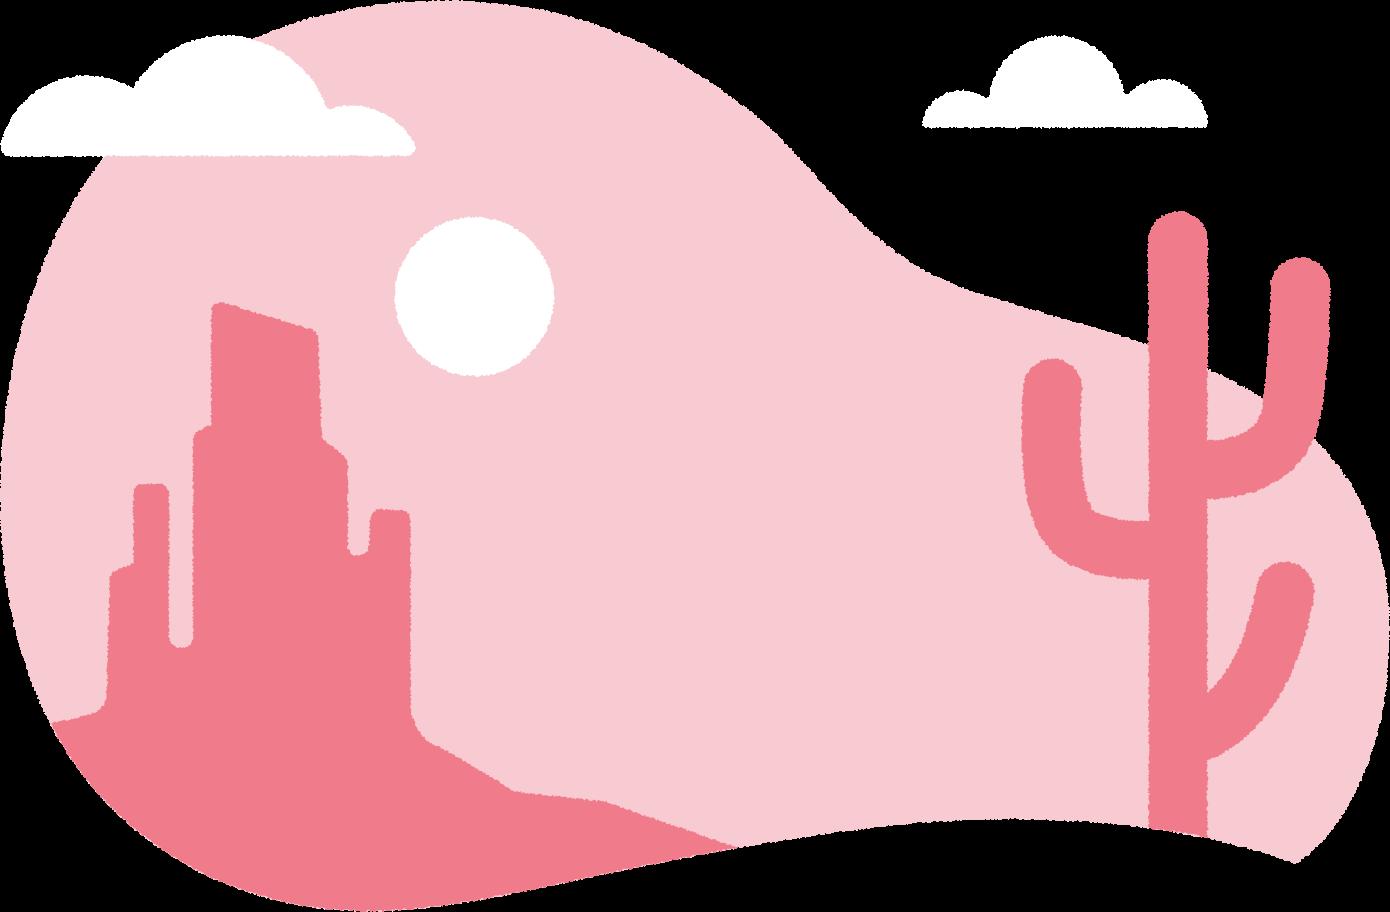 desert Clipart illustration in PNG, SVG